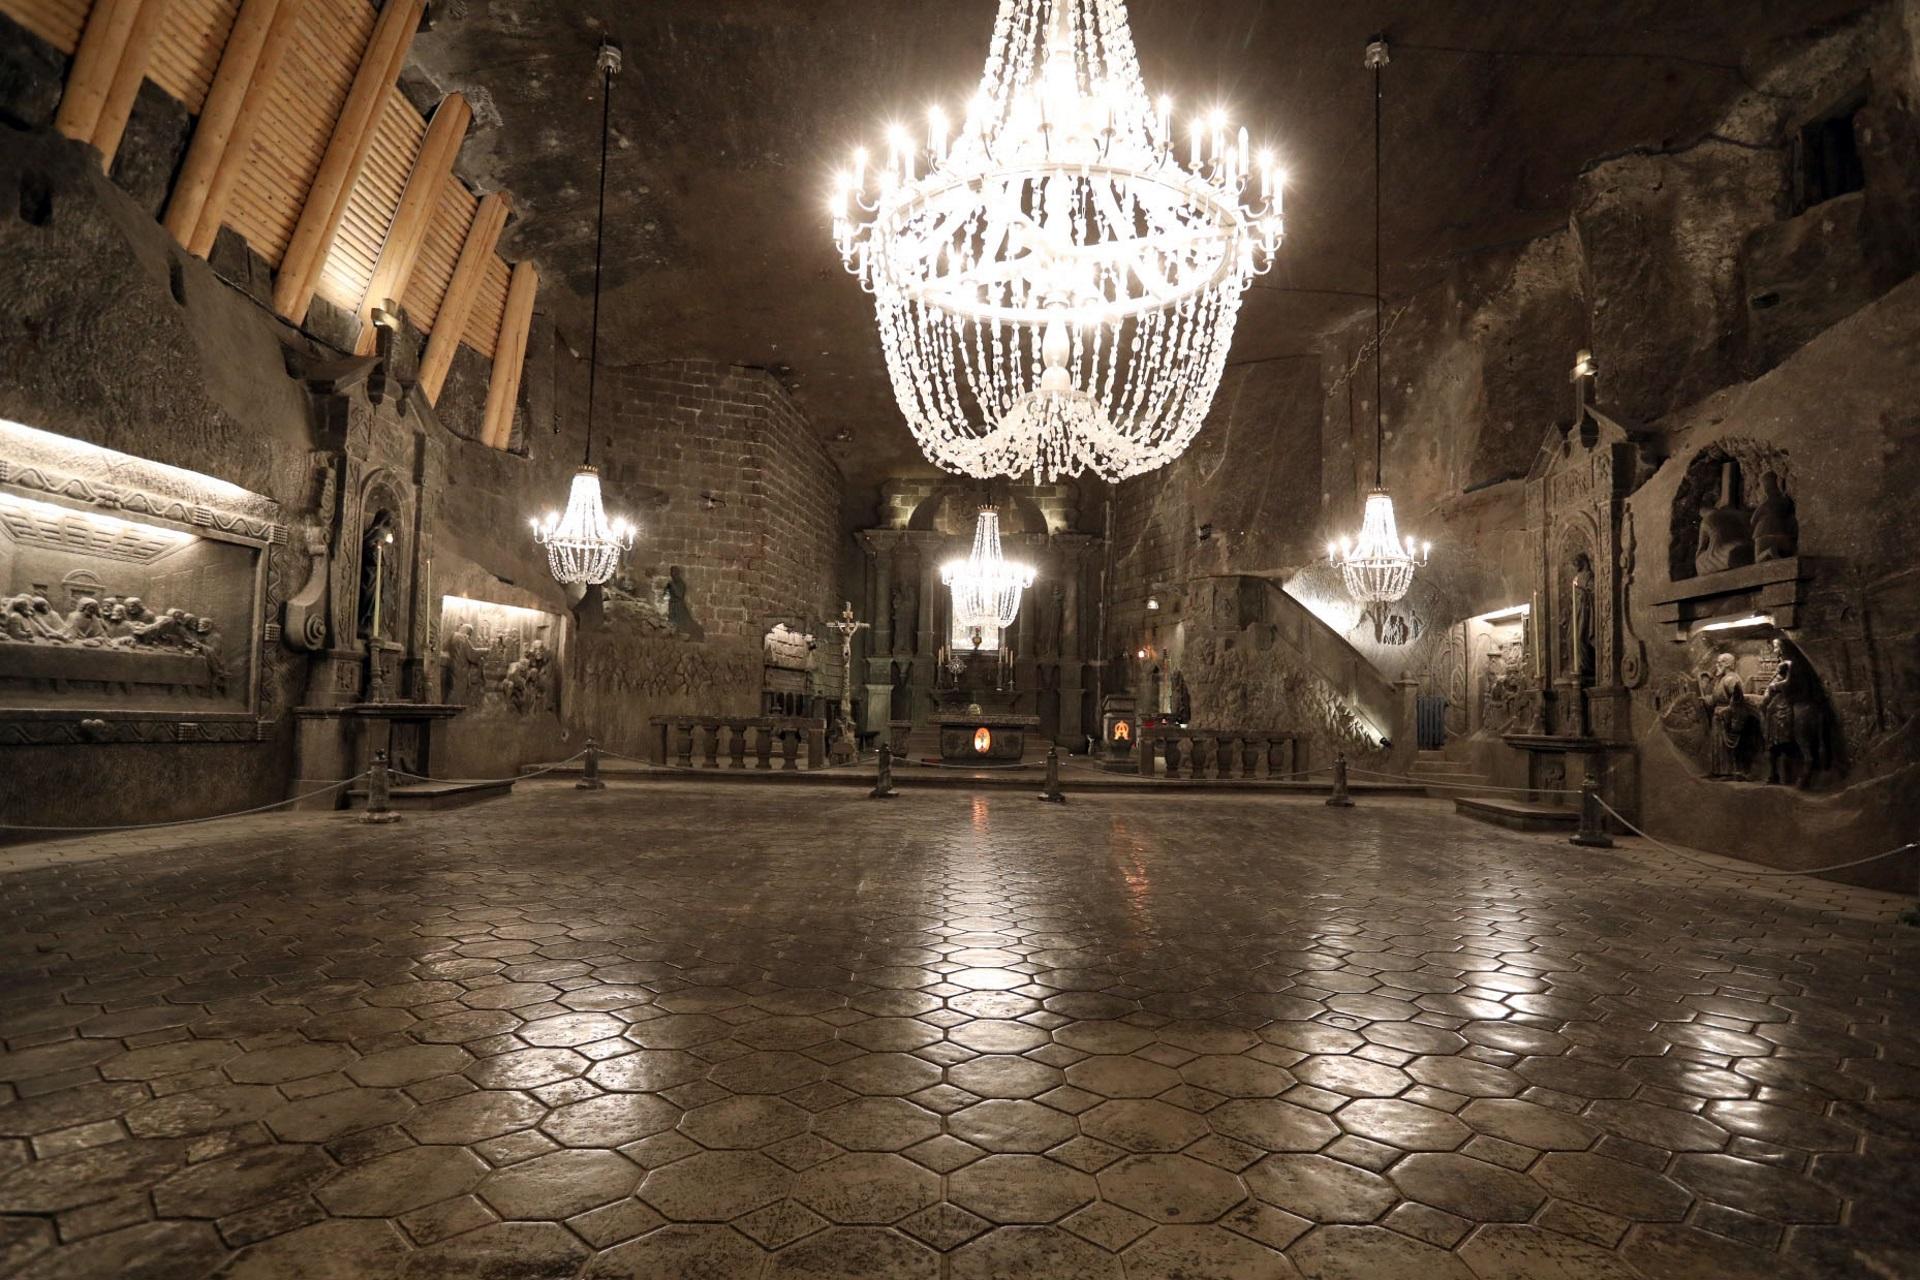 Wykute w soli wnętrze kaplicy św. Kingi. W posadzce odbijają się żyrandole z kryształków soli